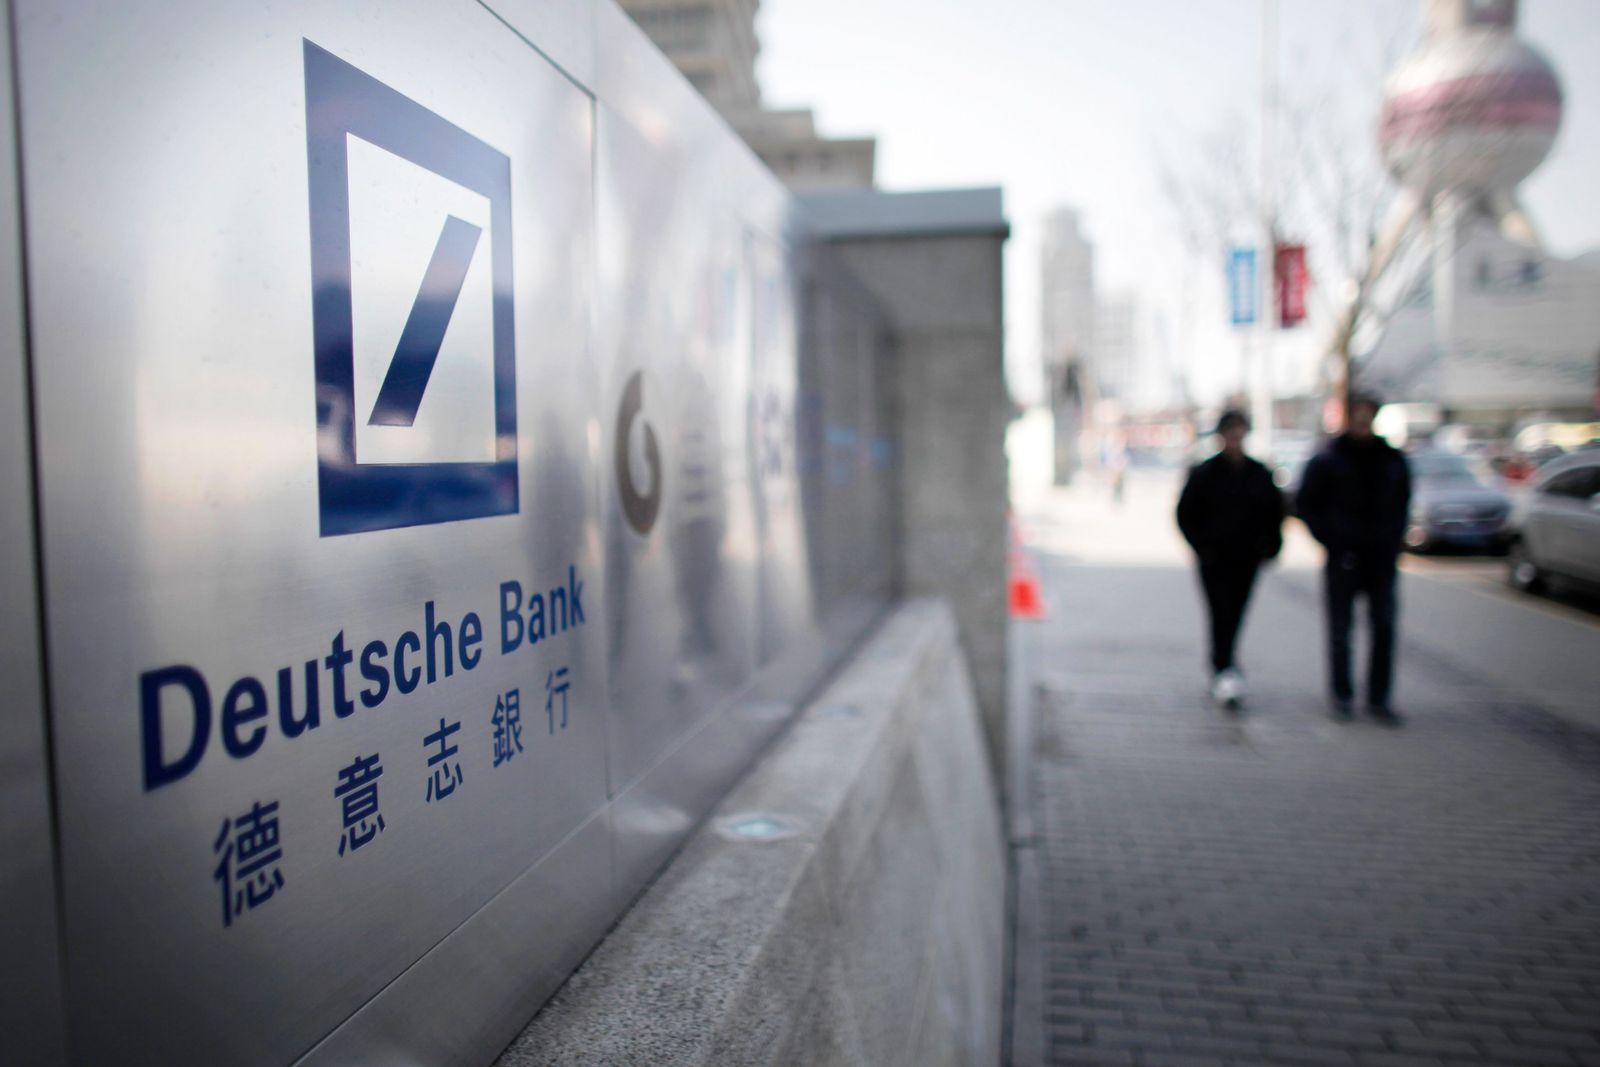 Deutsche Bank / Shanghai / China